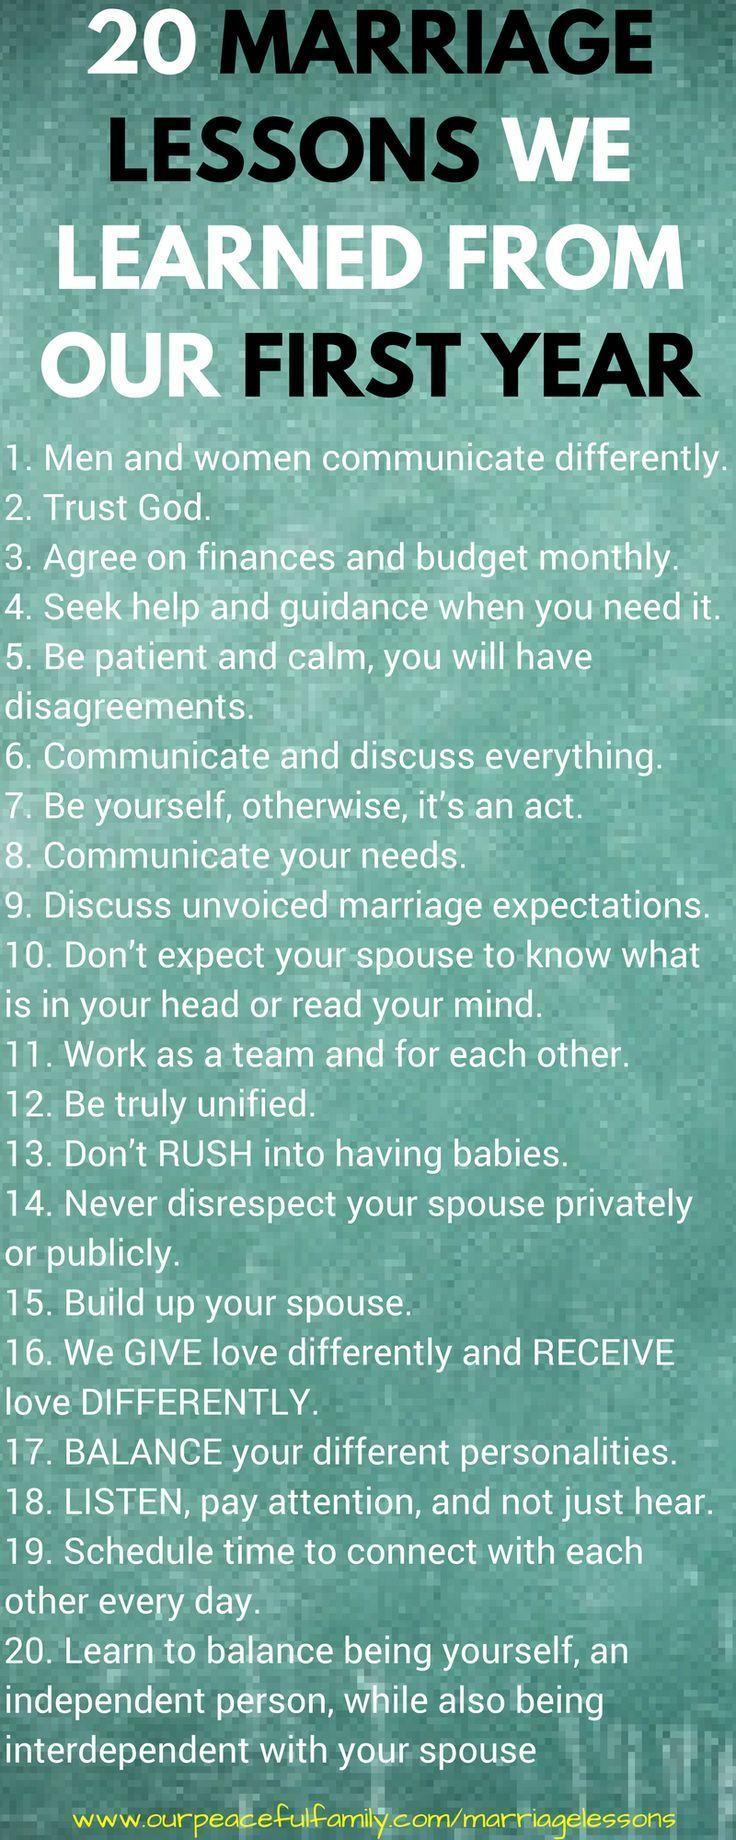 20 lições de casamento que aprendemos desde o primeiro ano de casamento   – Relationships